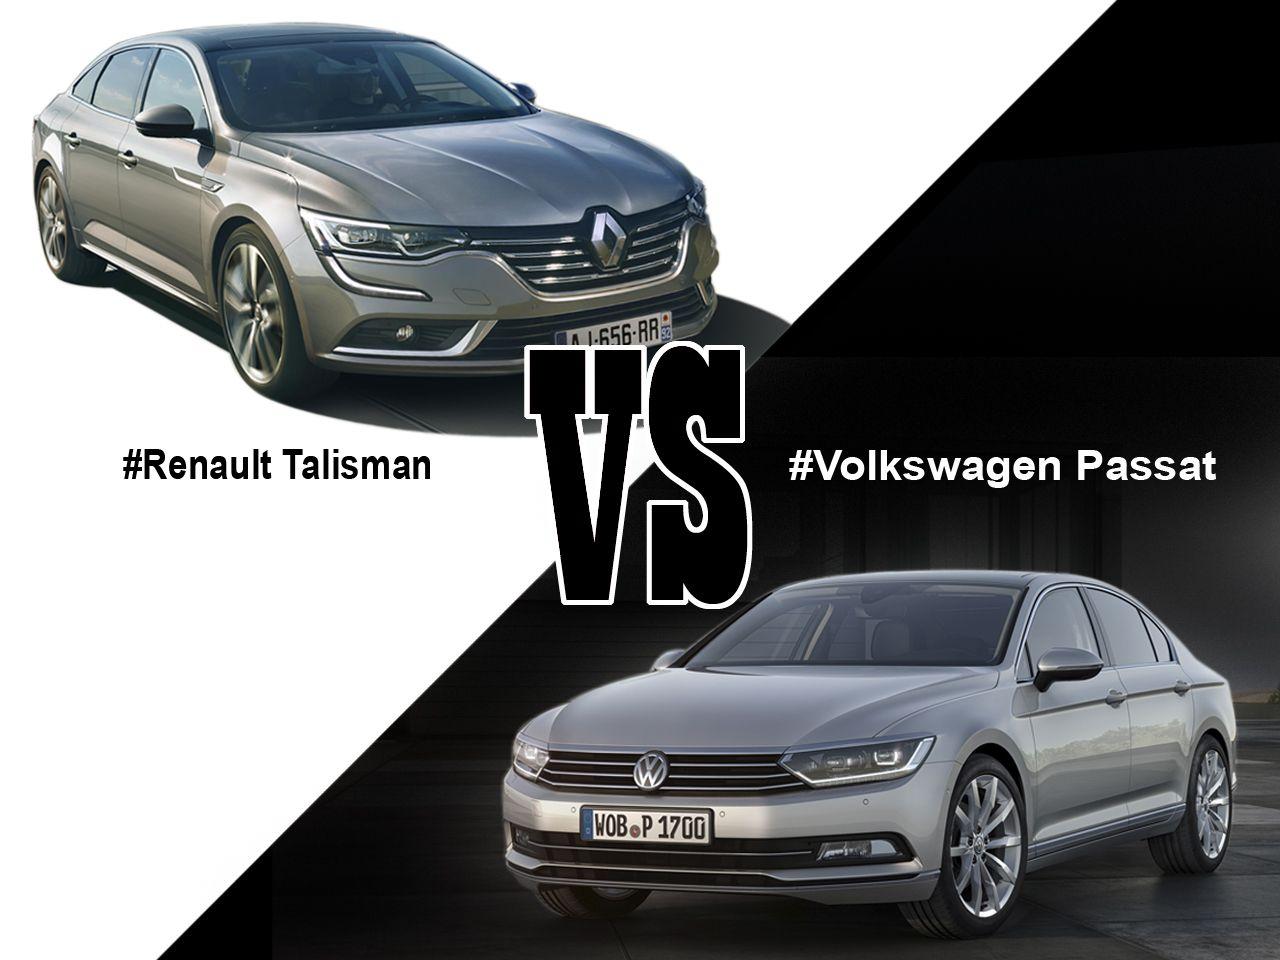 Renault talisman vs volkswagen passat premier match volkswagenhtmlcar